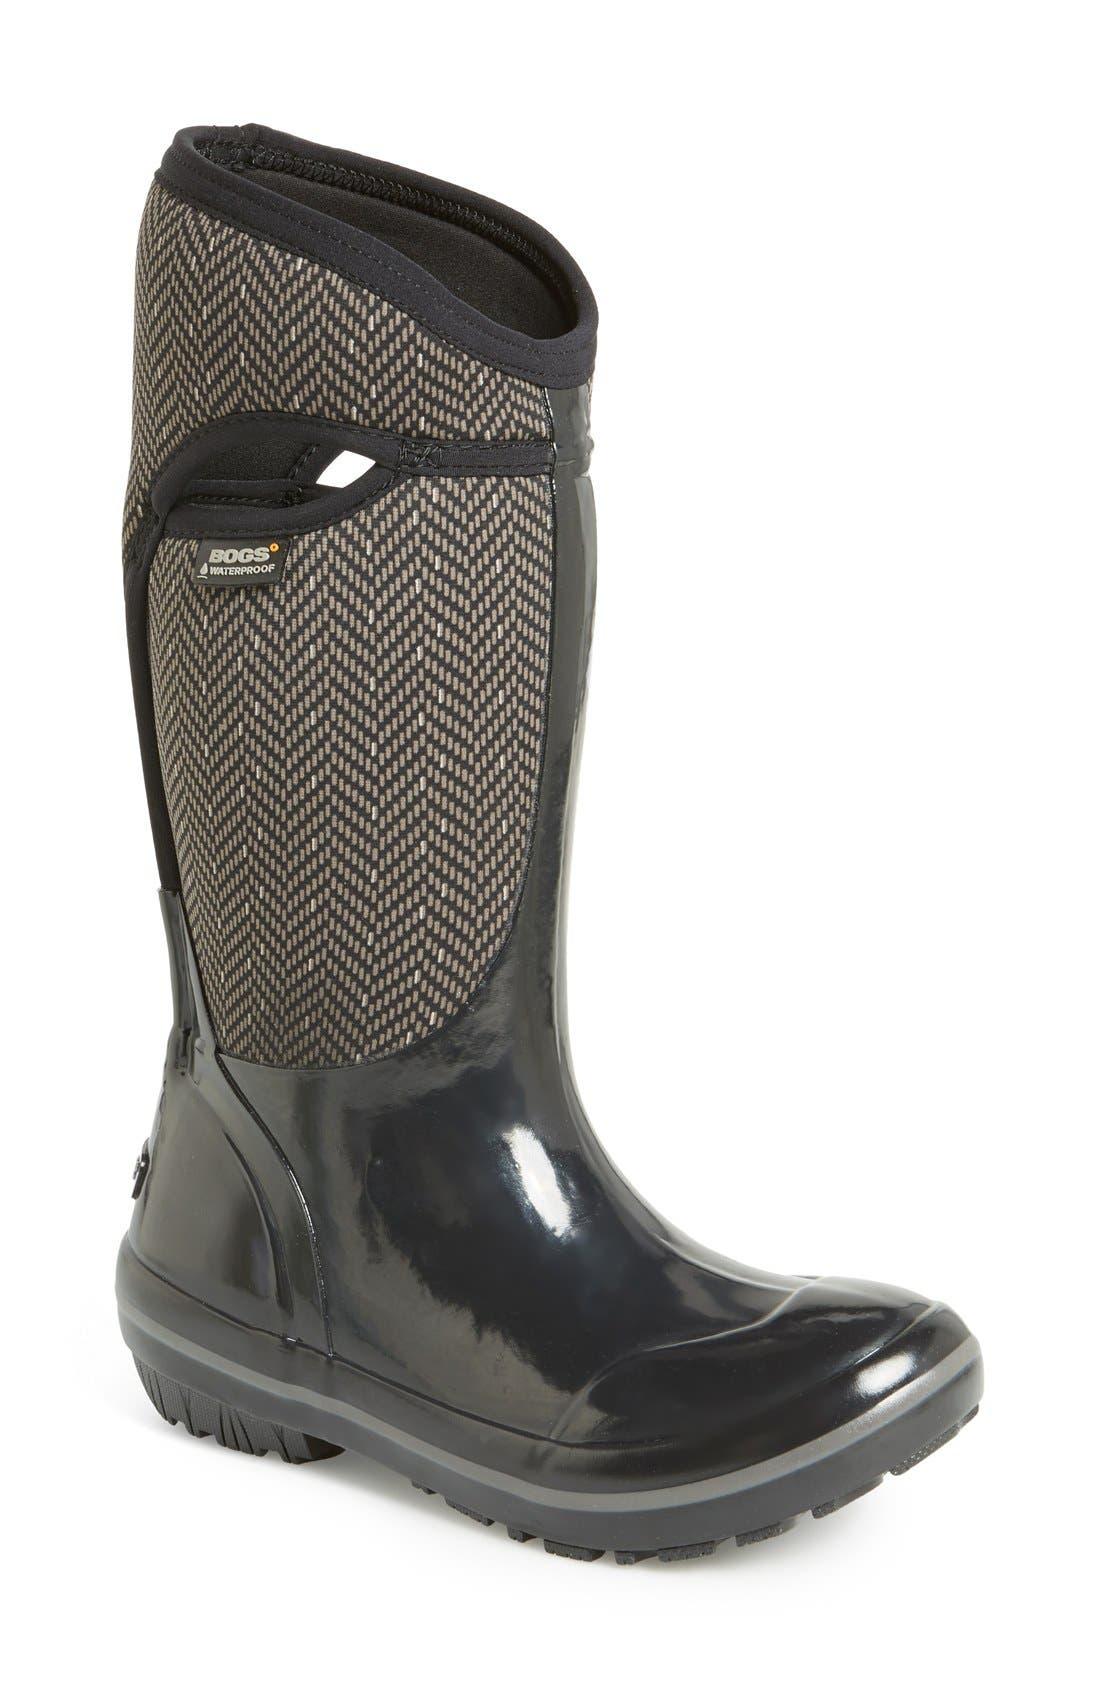 Alternate Image 1 Selected - Bogs Plimsoll  - Herringbone Waterproof Boot (Women)